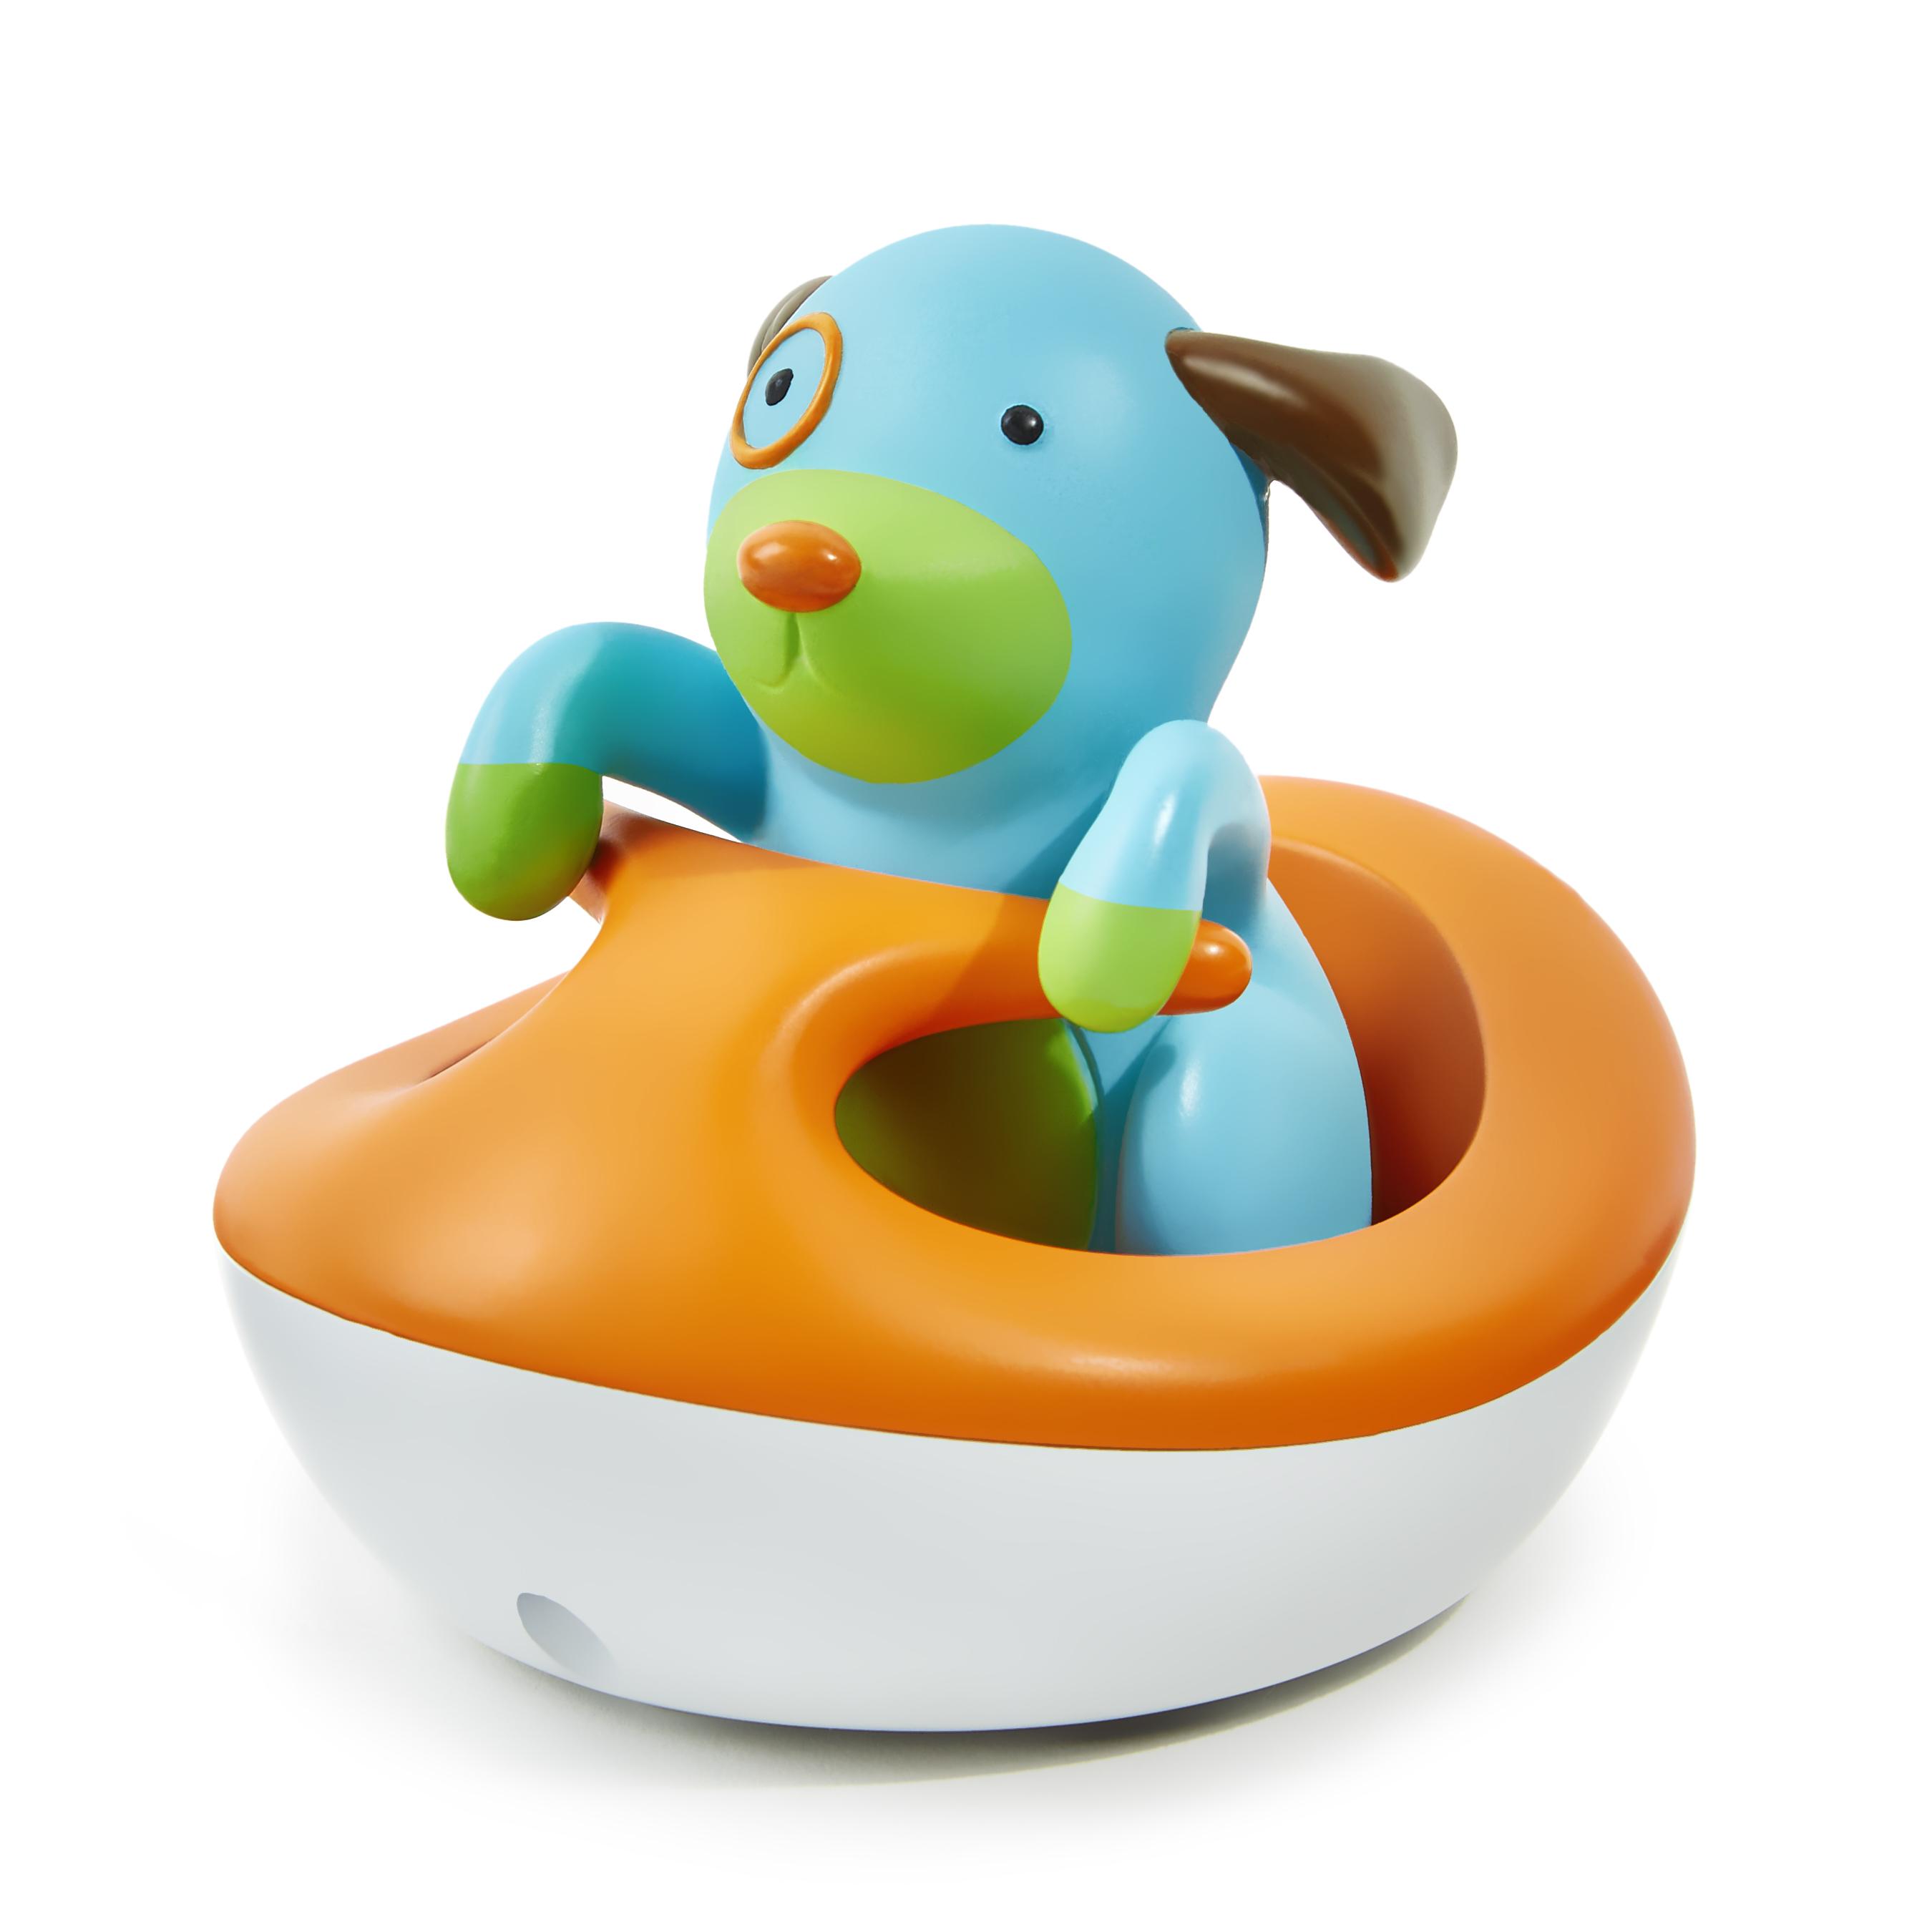 משחק אמבטיה - כלבלב באופנוע ים